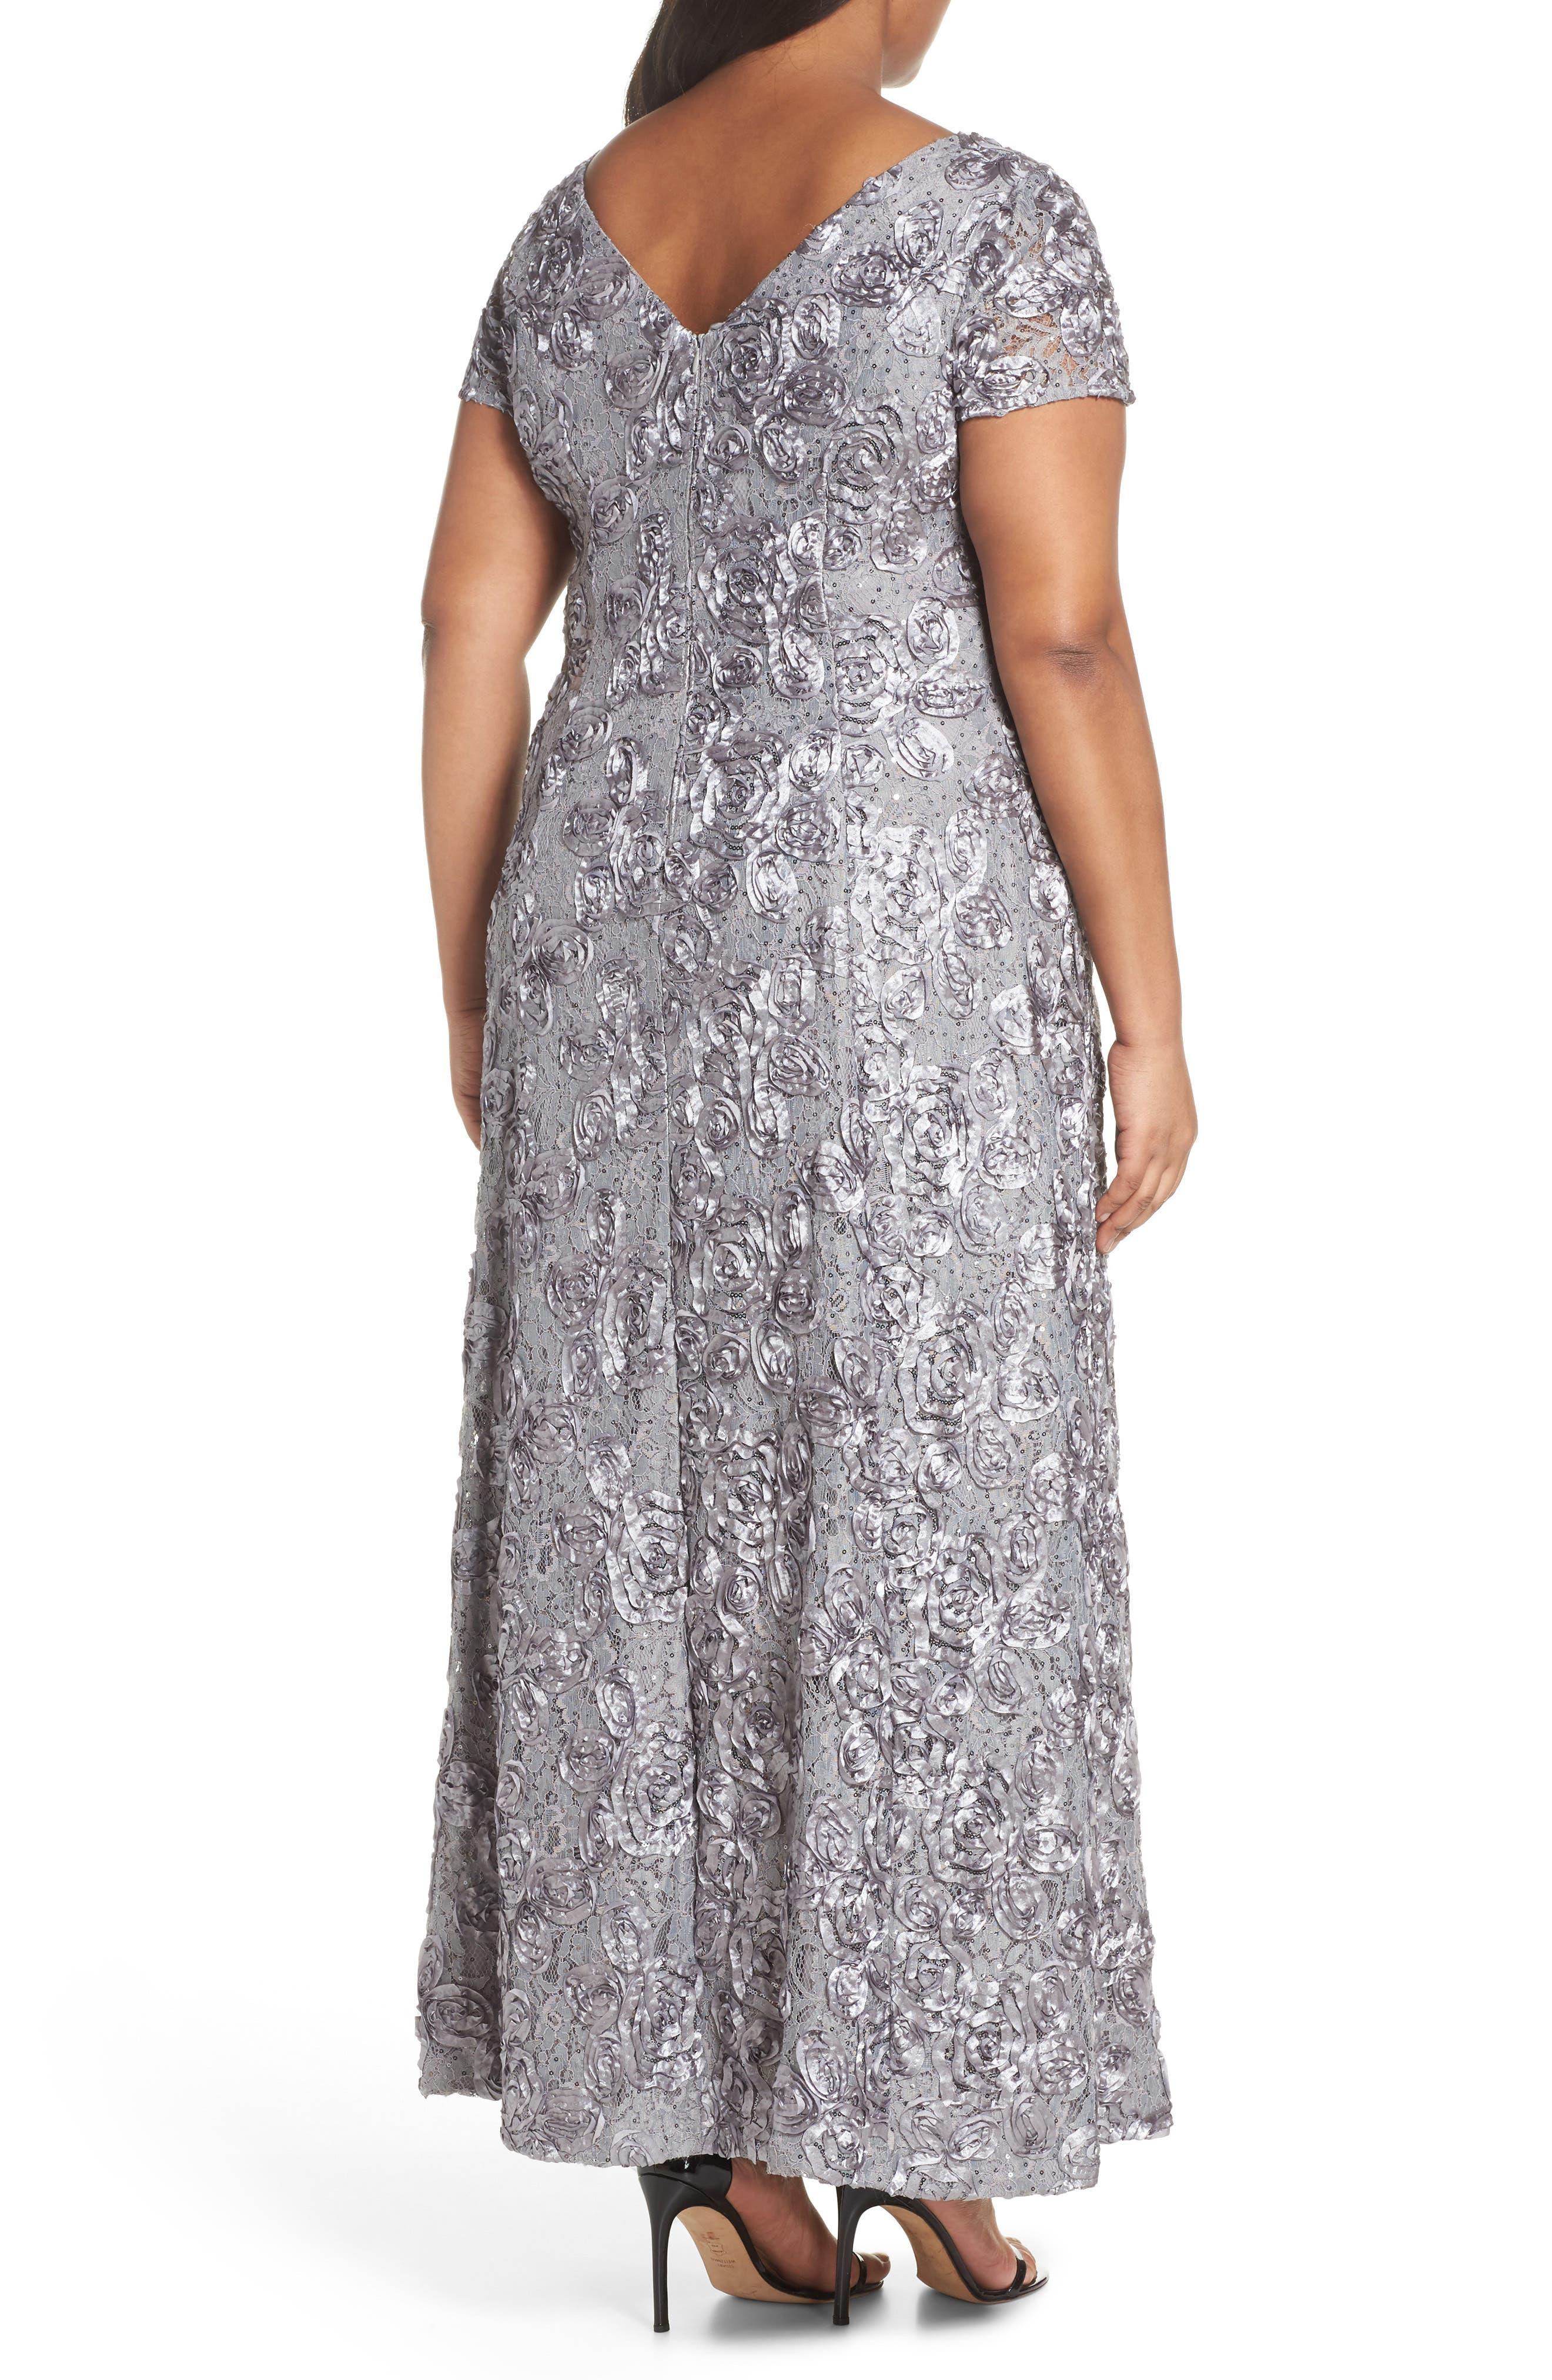 ALEX EVENINGS, Rosette Lace Short Sleeve A-Line Gown, Alternate thumbnail 2, color, DOVE